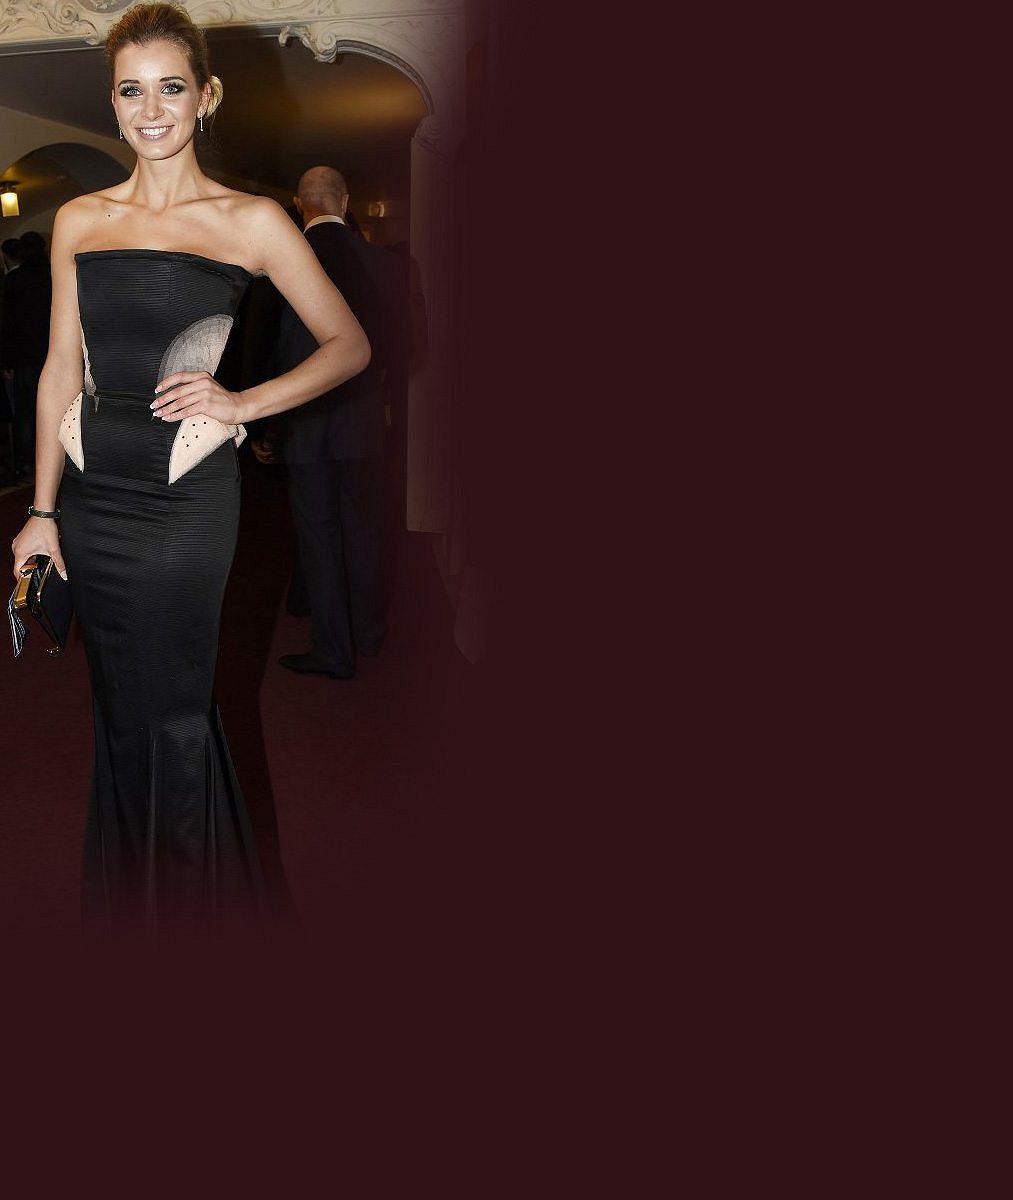 Ještě že nehubne: Bývalá Česká Miss Franková předvedla své čtyřky v obřím dekoltu bez podprsenky